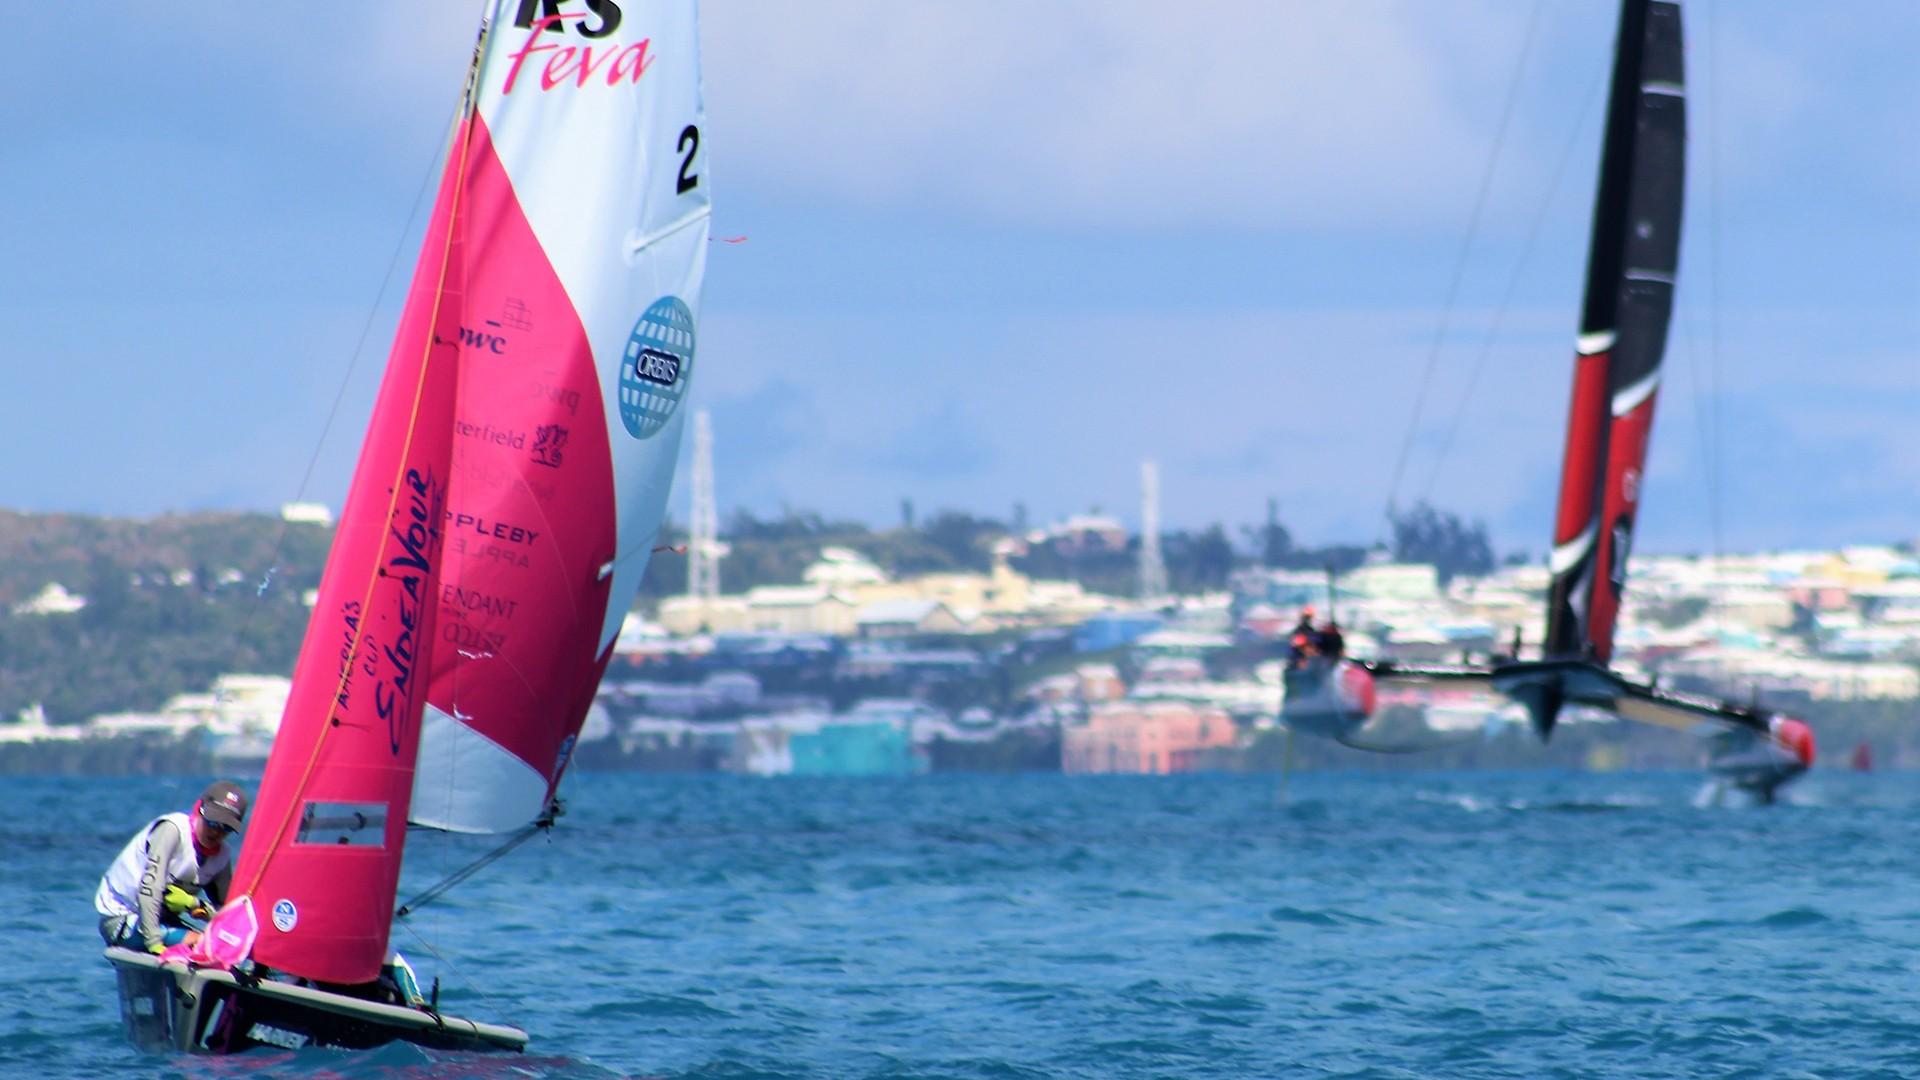 America's Cup Endeavour RS Feva Junior Regatta, Bermuda 2017